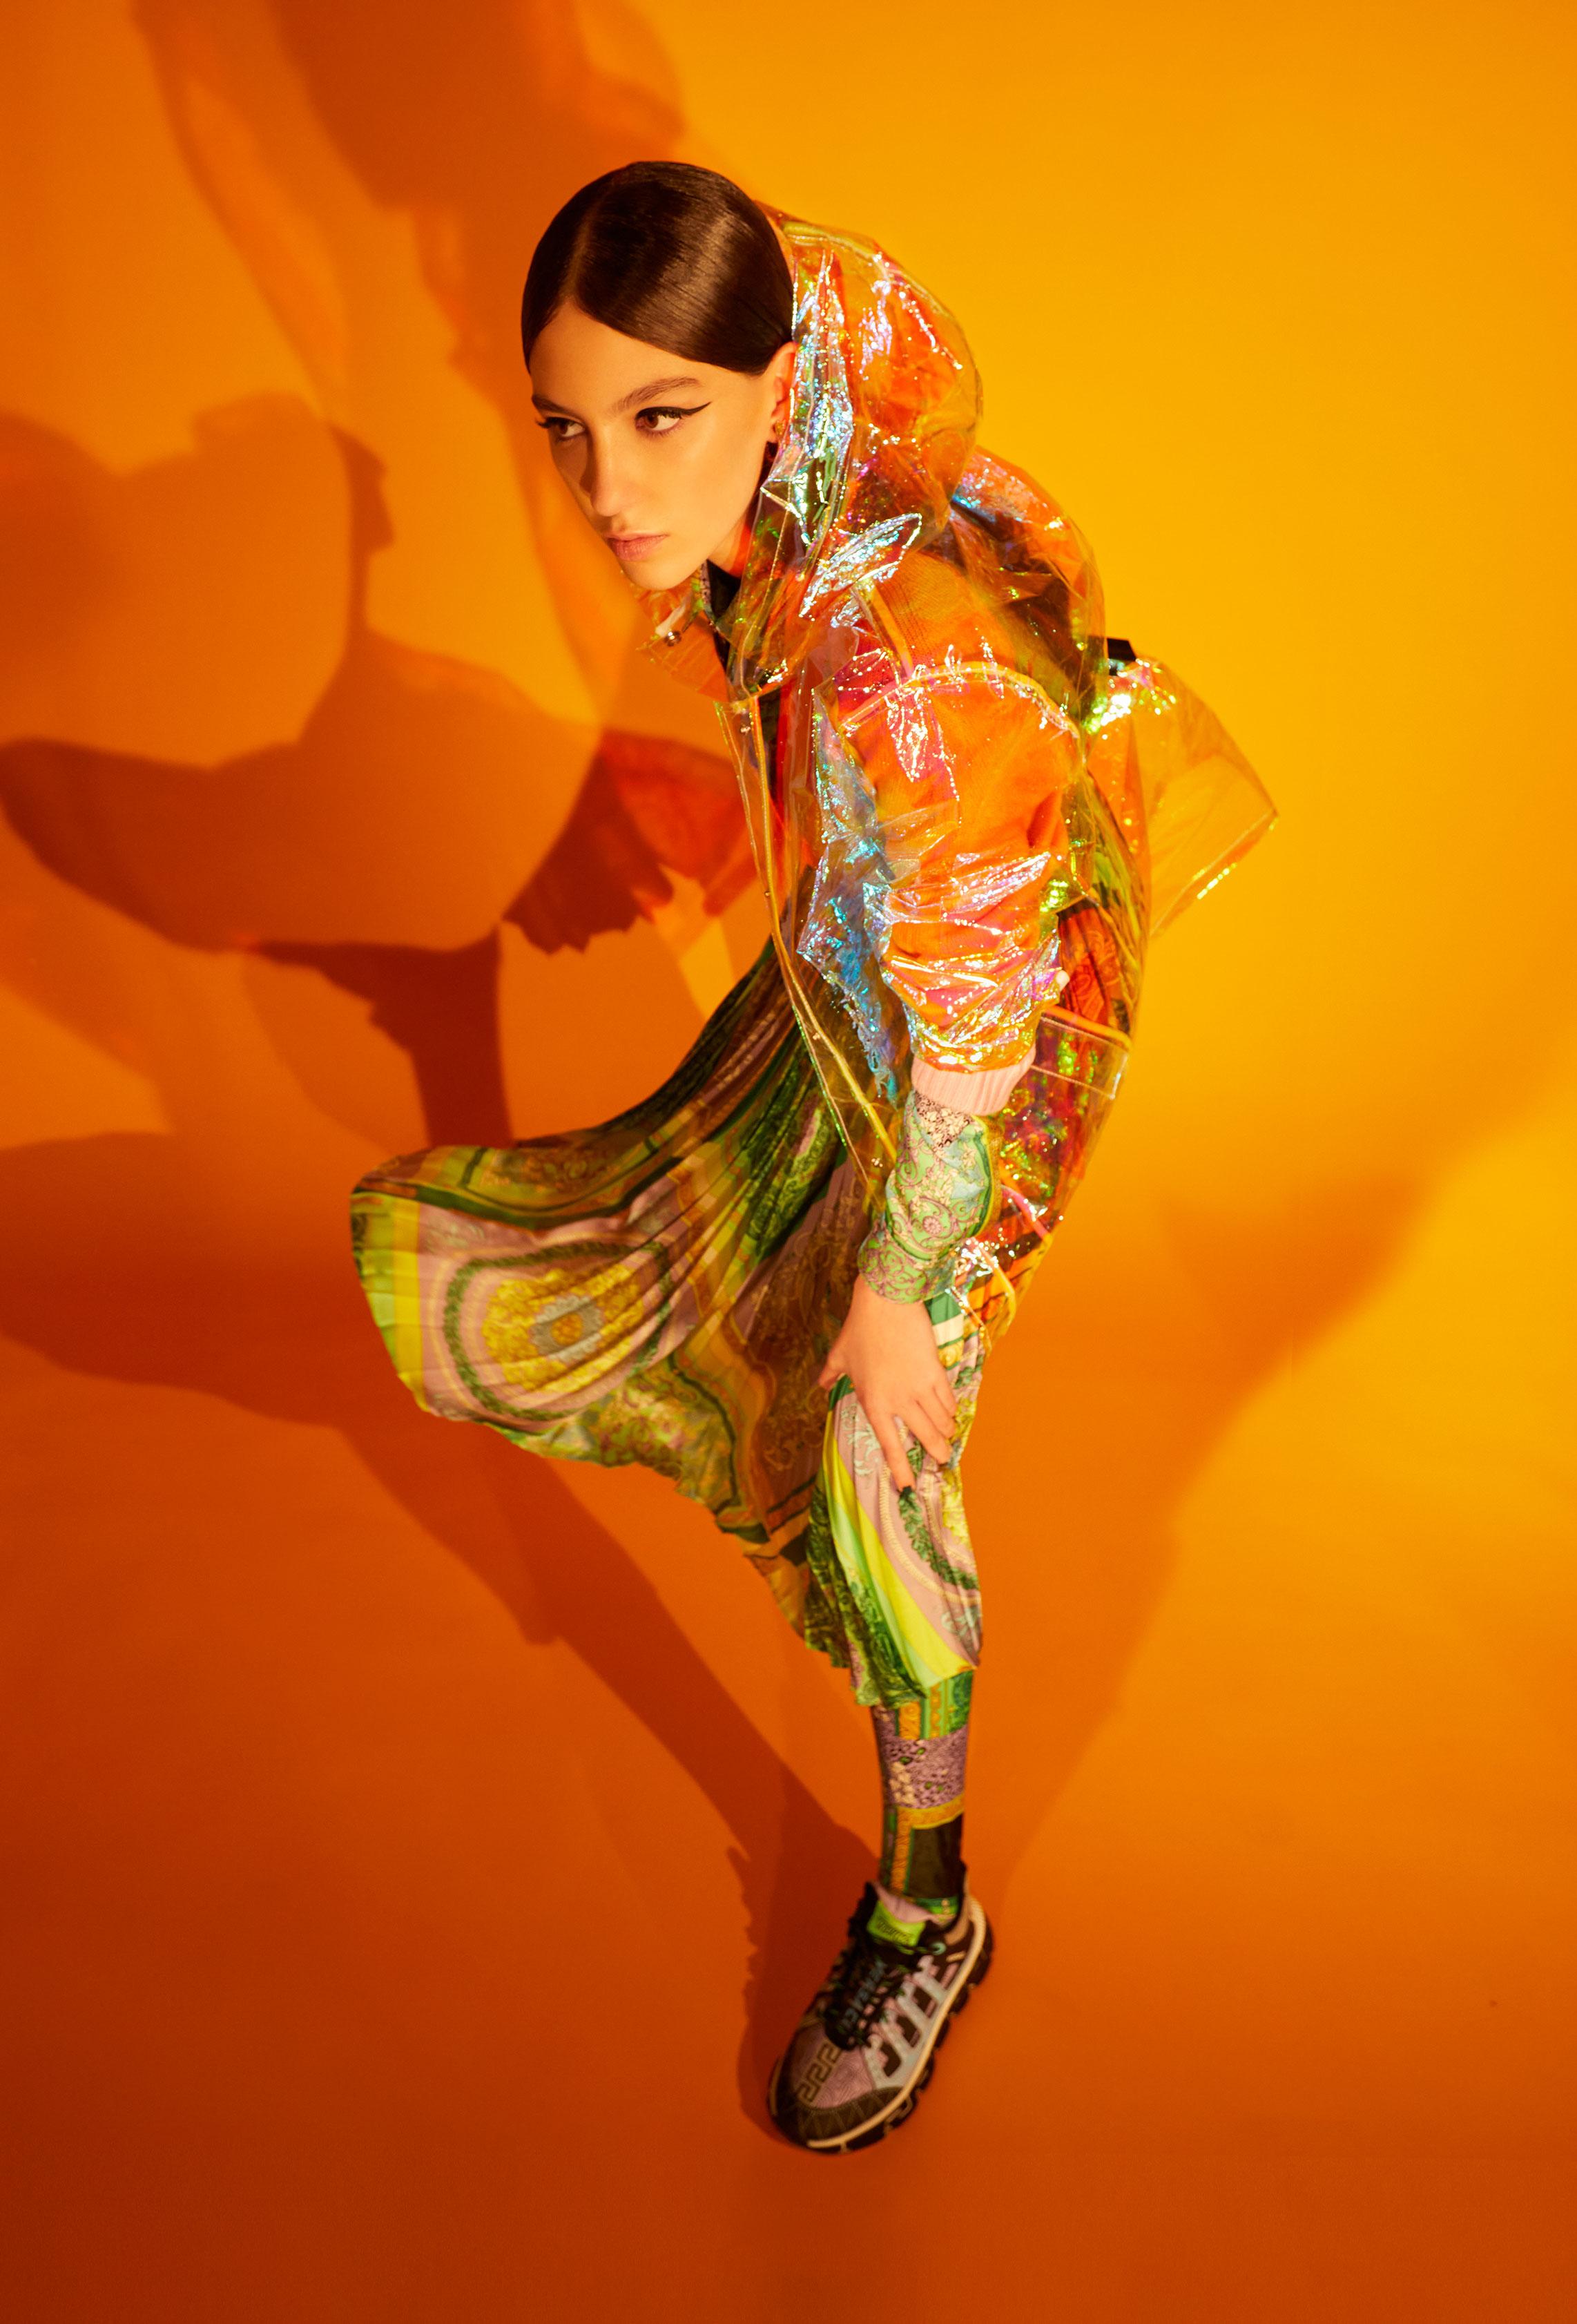 El Libro Amarillo camisa VERSACE  _ leggings VERSACE _ suéter VERSACE _ gabardina THE MASHUP  _ aretes BIMBA Y LOLA _ pulsera BIMBA Y LOLA _ tenis VERSACE  _ falda VERSACE